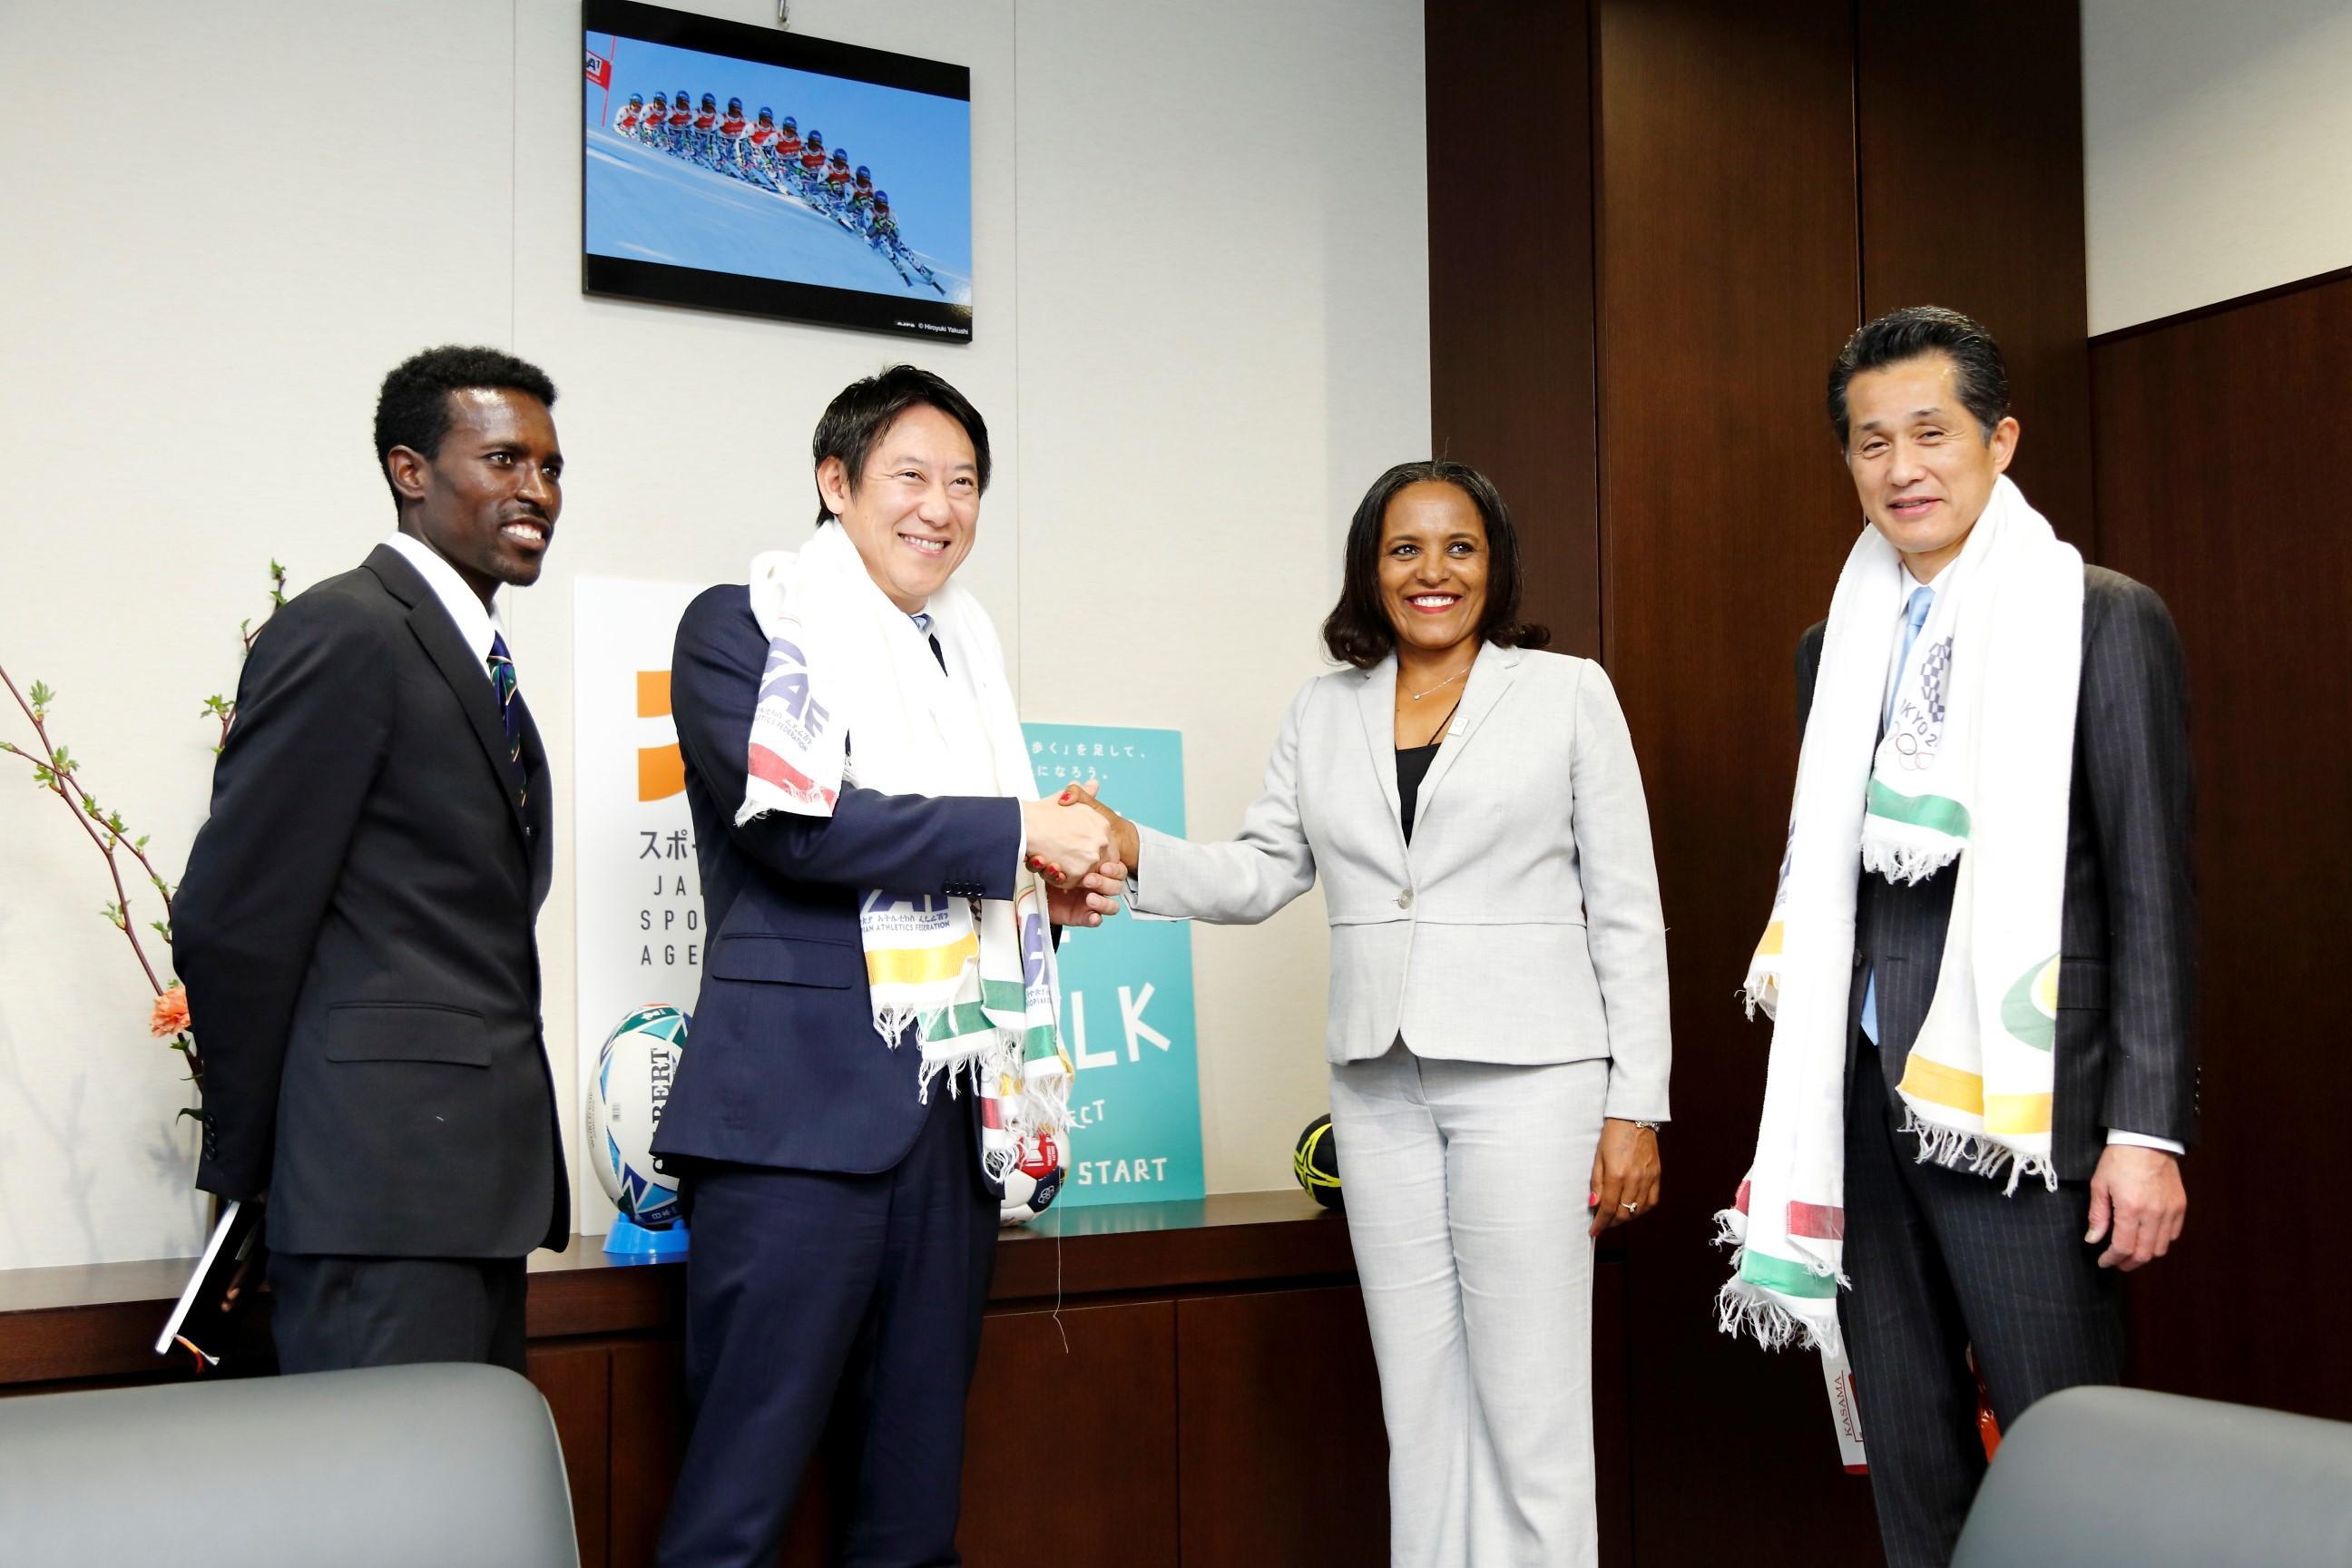 拓殖大学の留学生がエチオピア陸上競技連盟会長の通訳として活躍しました